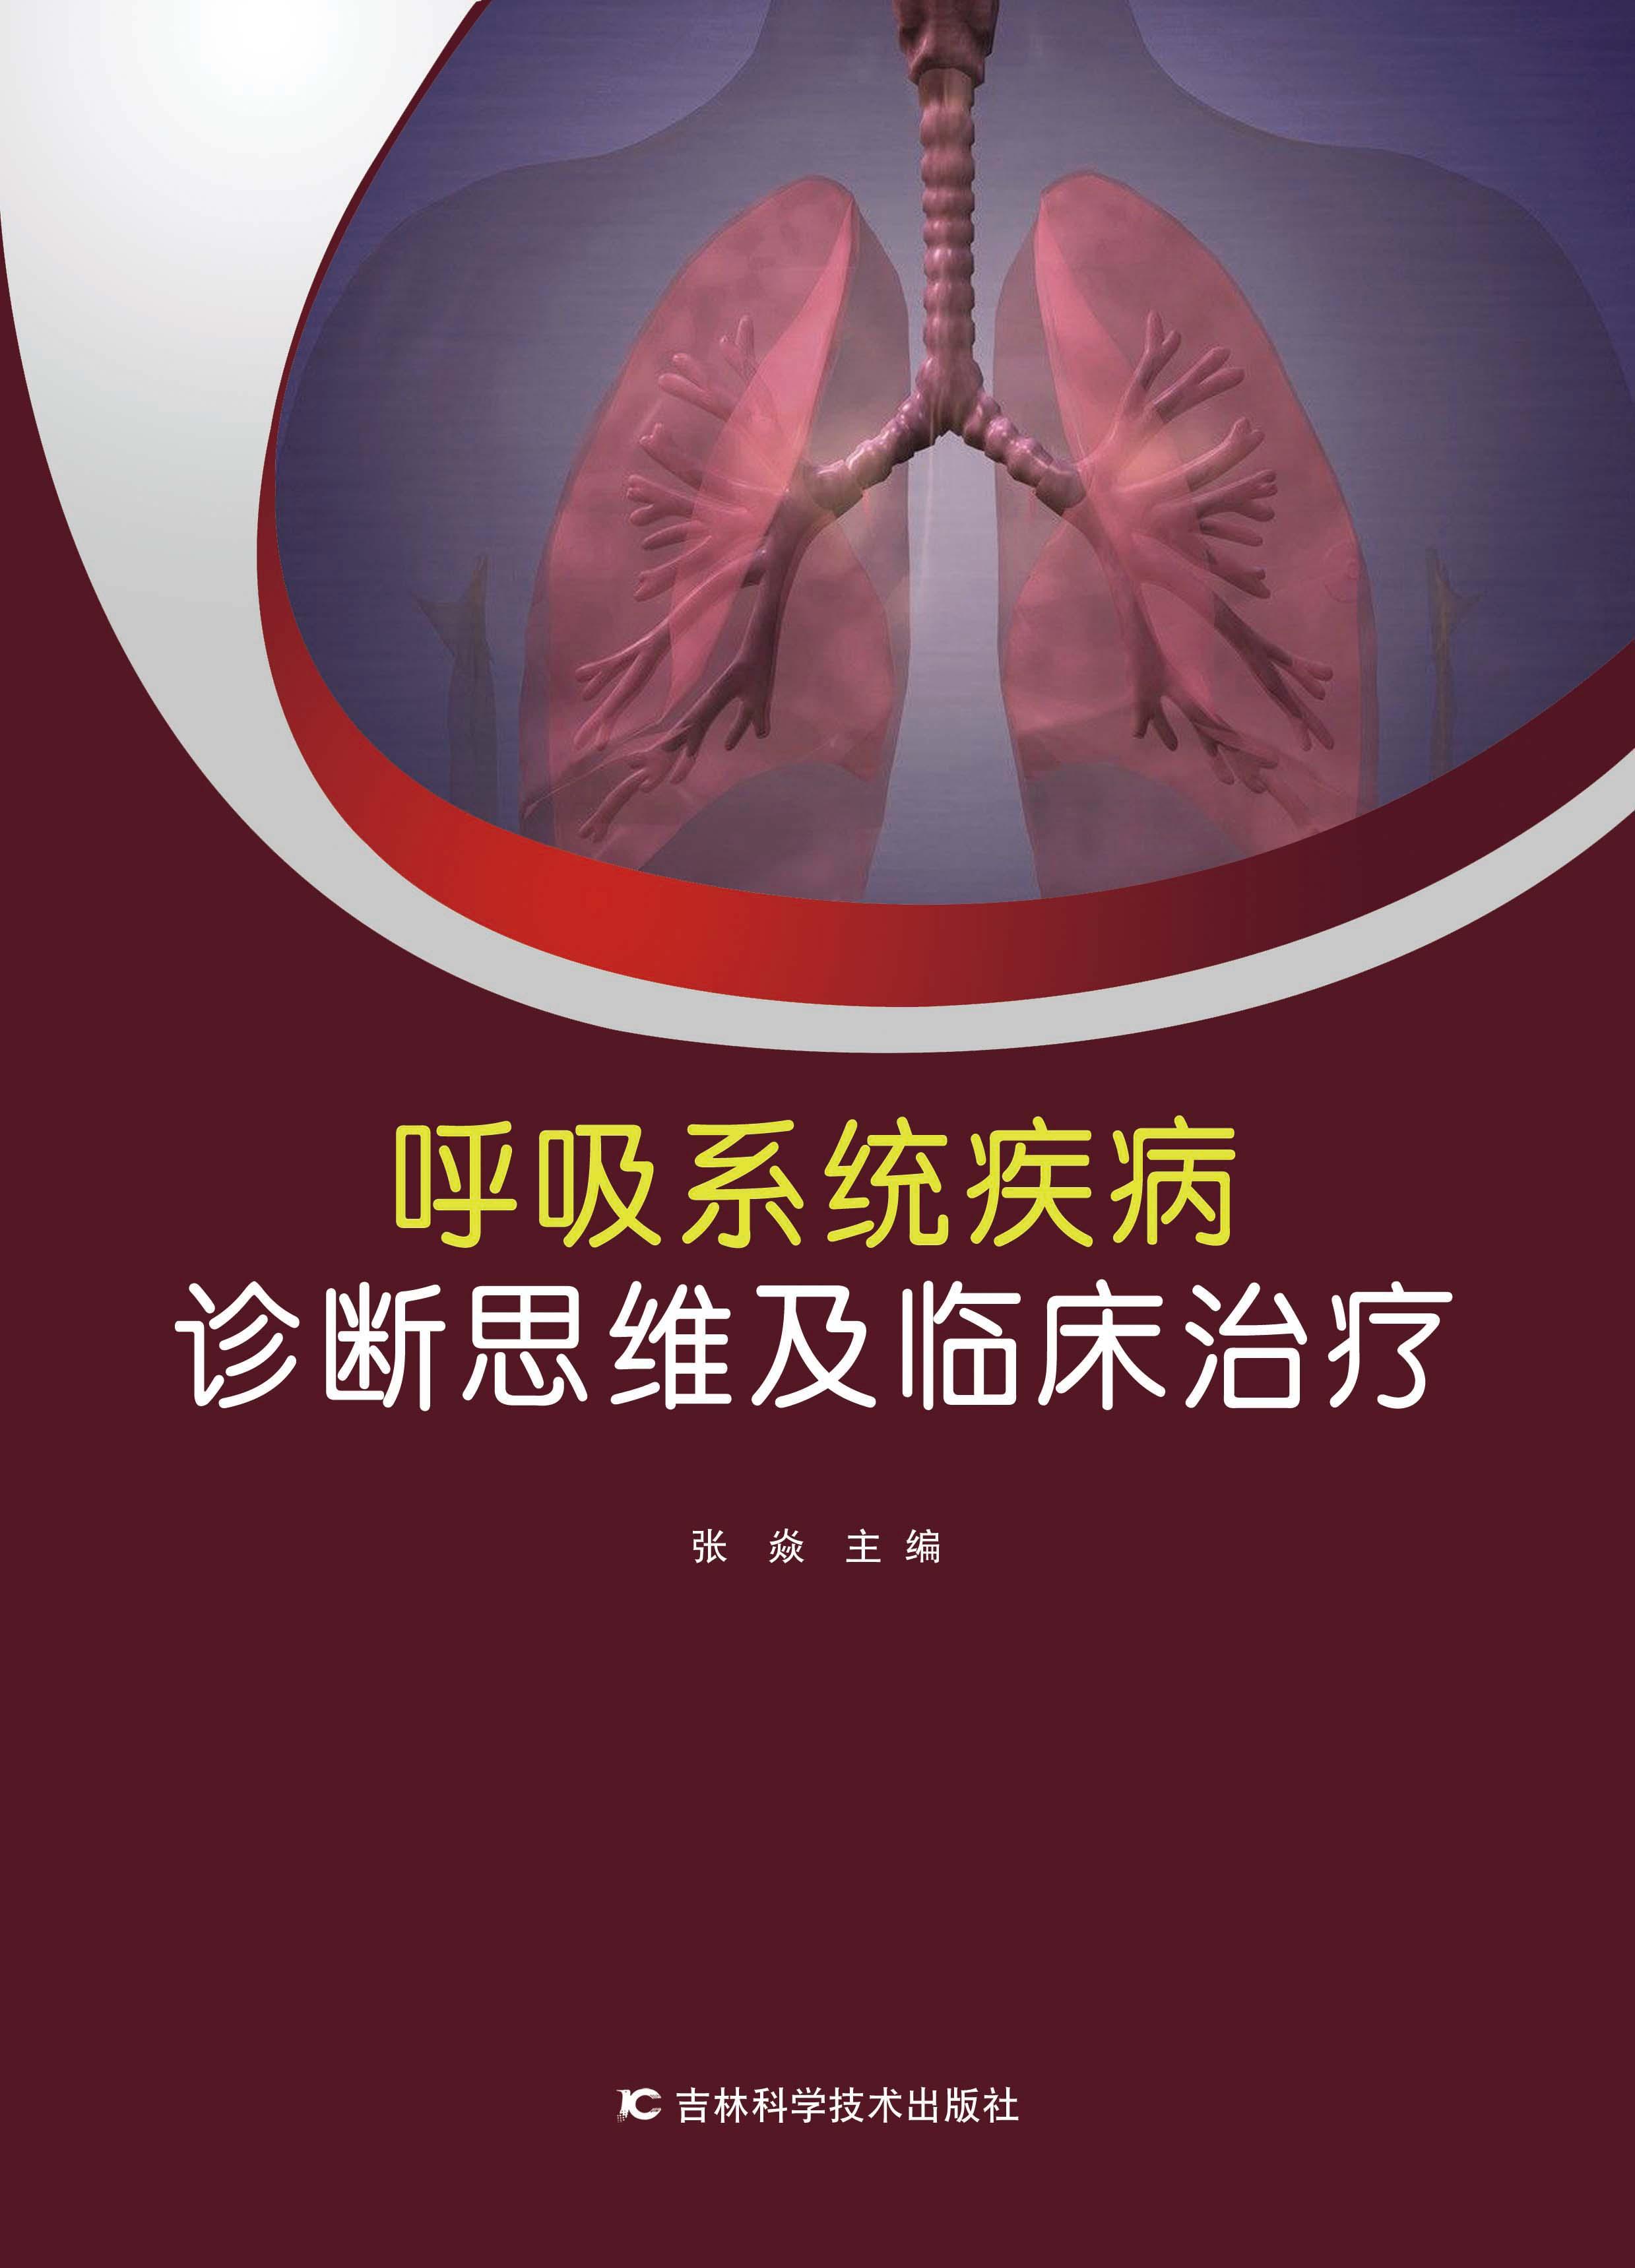 title='呼吸系统疾病诊断思维及临床治疗'